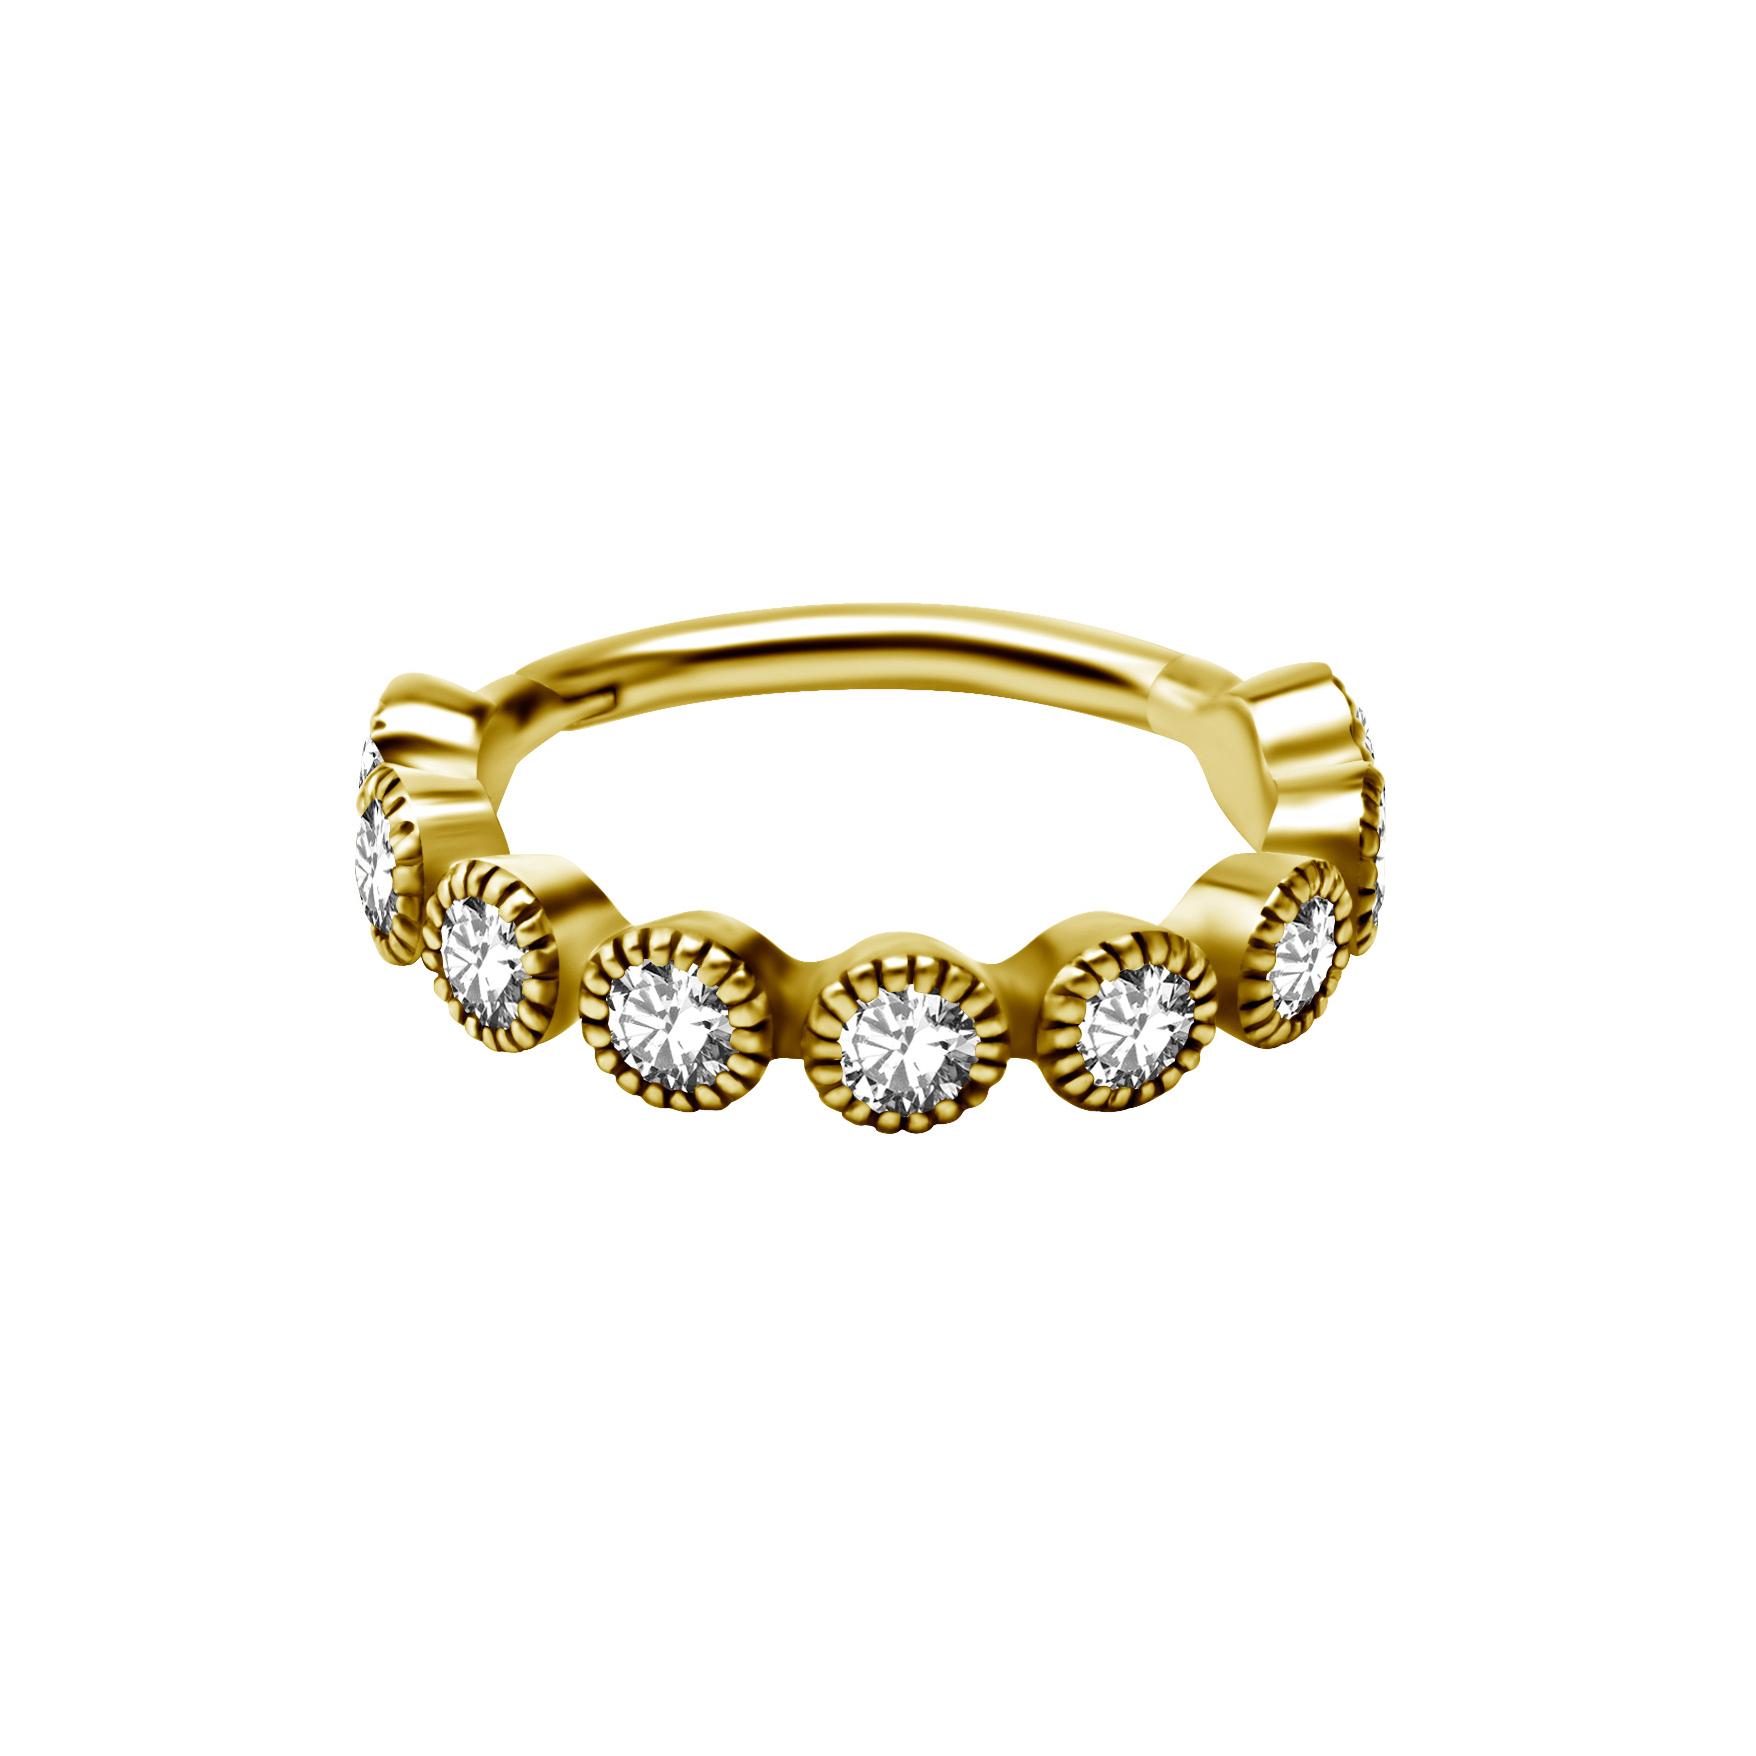 Clicker till conch - diamantfattade kristaller - 24K guld PVD